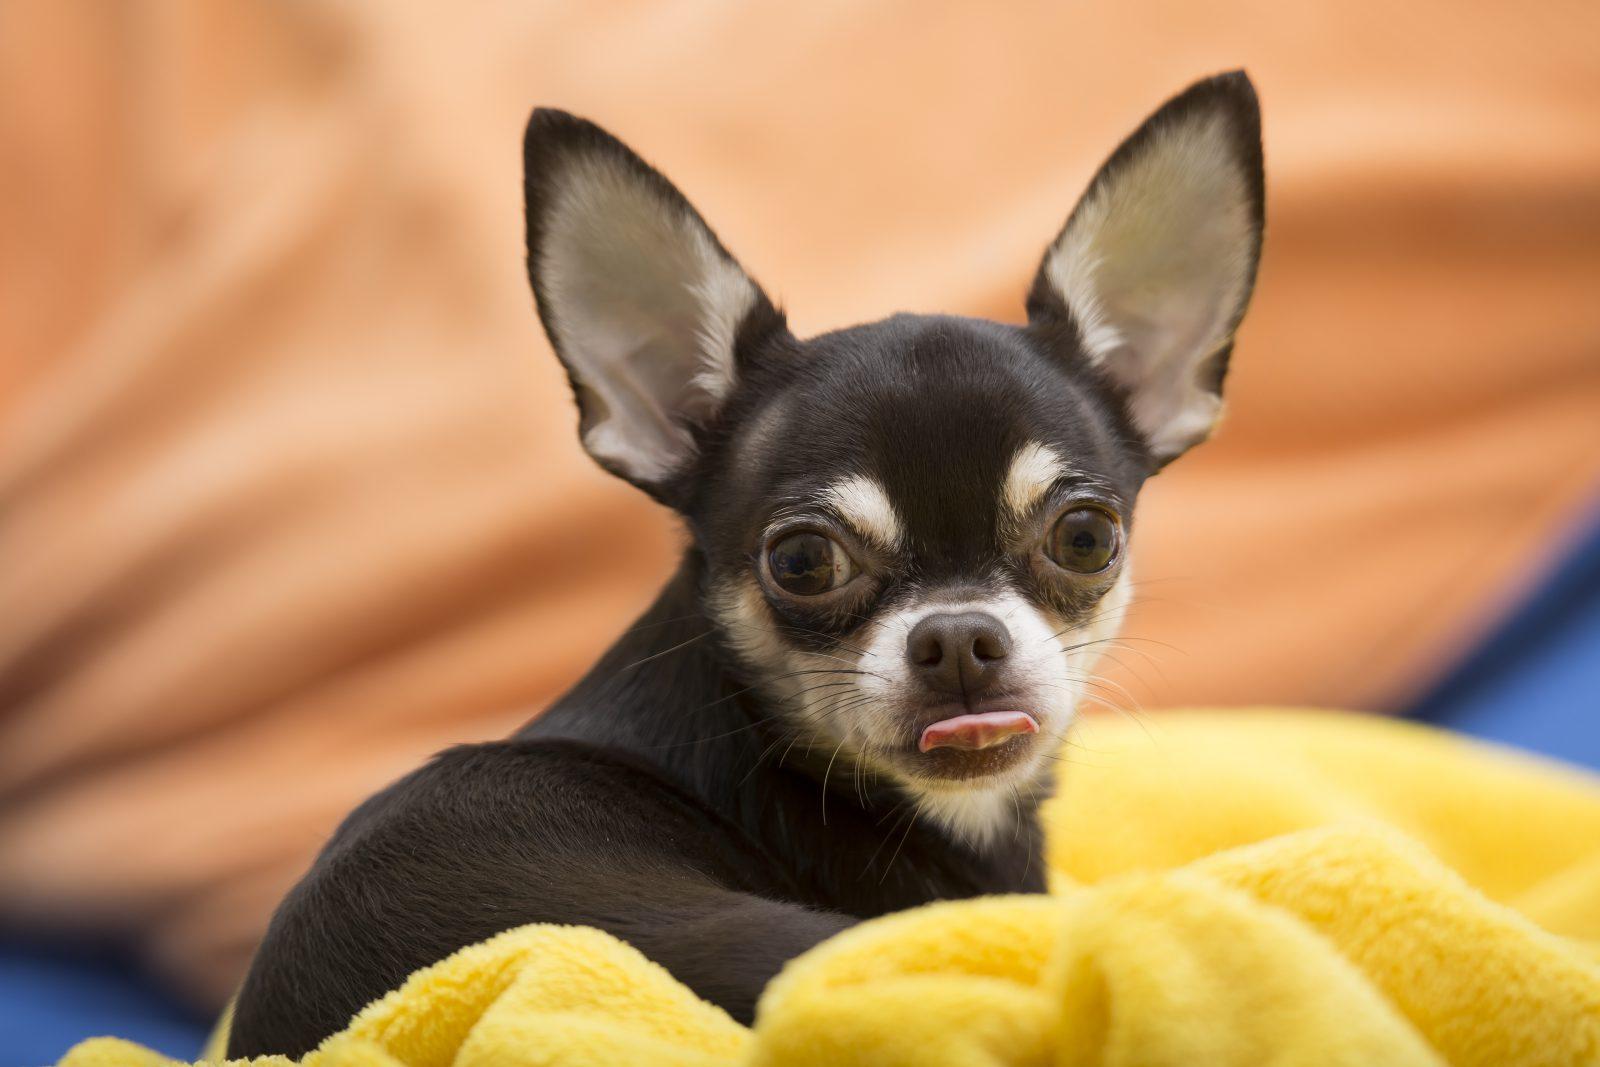 Caachorro latindo: Chihuahua deitado entre cobertas fofinhas e confortáveis.